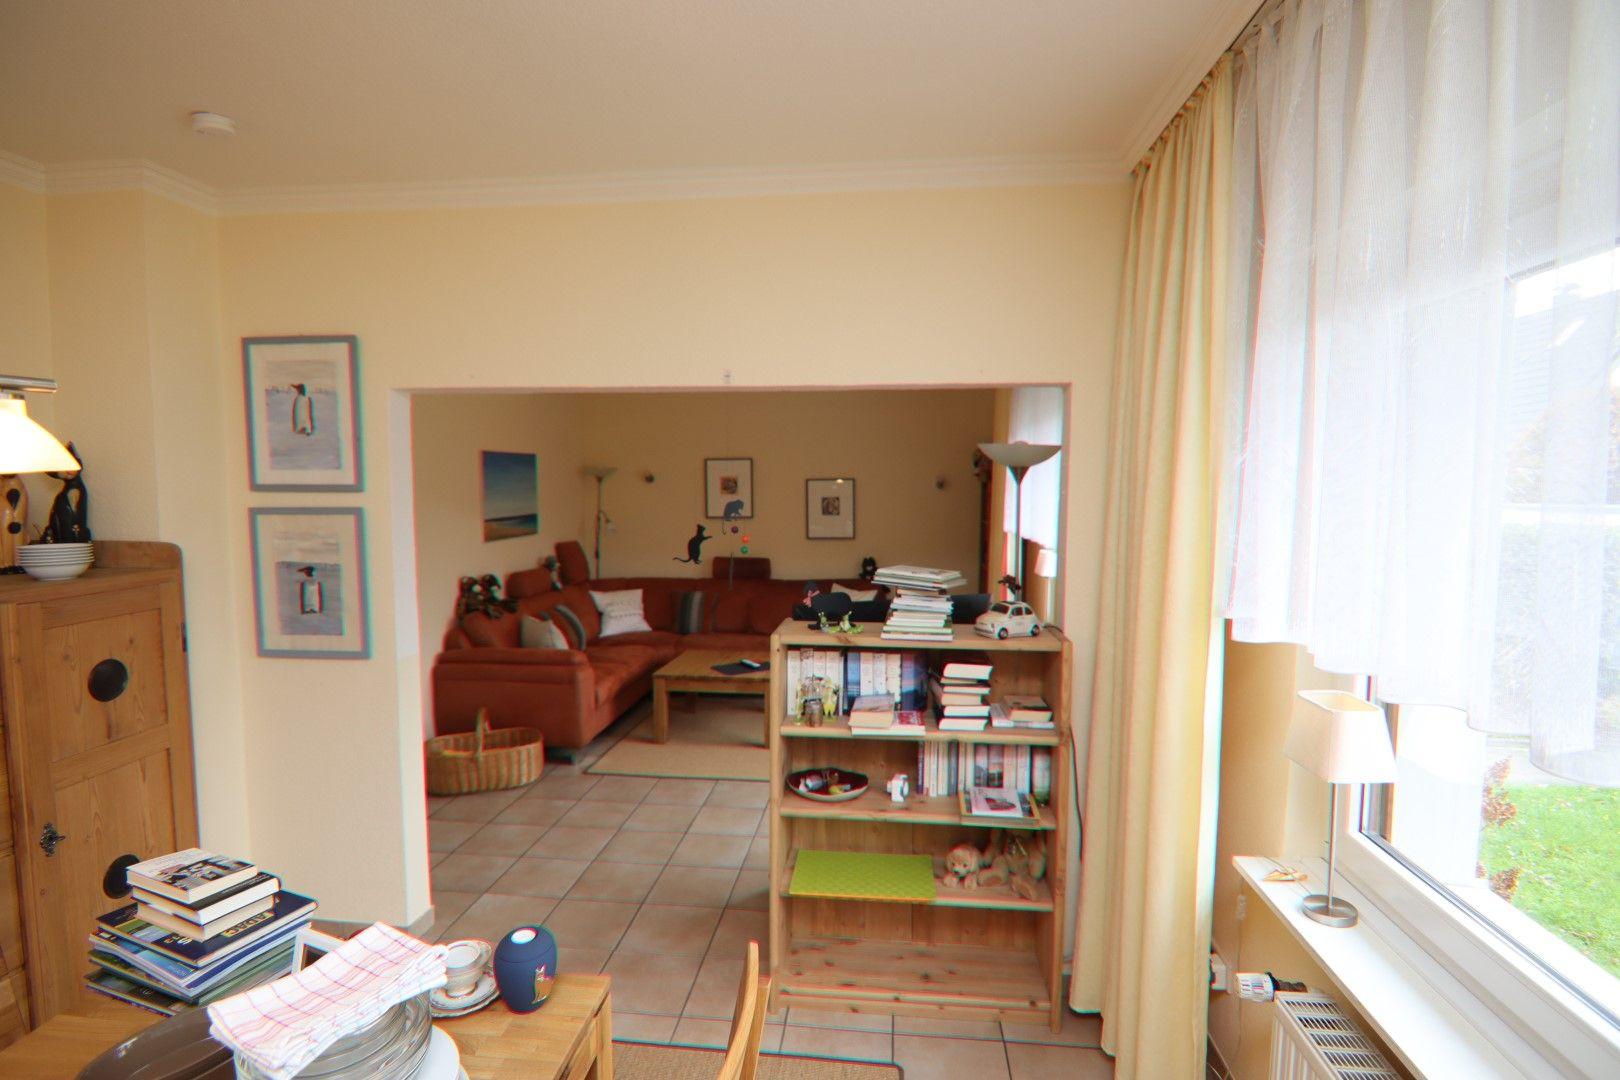 Immobilie Nr.0281 - Freistehendes EFH mit Vollkeller, Wintergarten u. Garage  - Bild 7.jpg